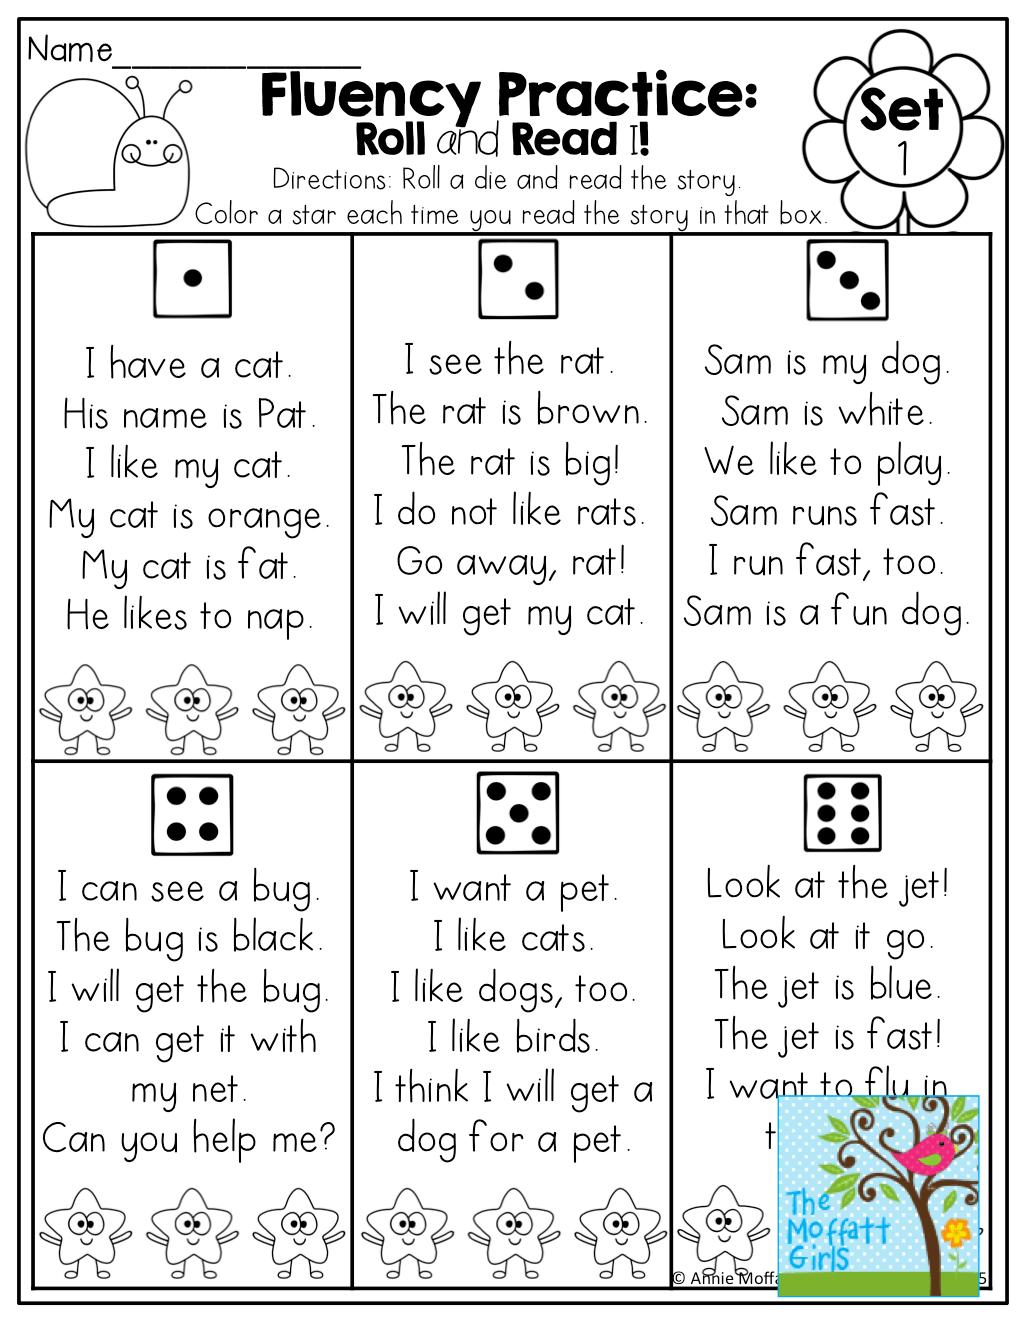 Worksheets For Kindergarten Read Roll Worksheets Best Free Printable Worksheets